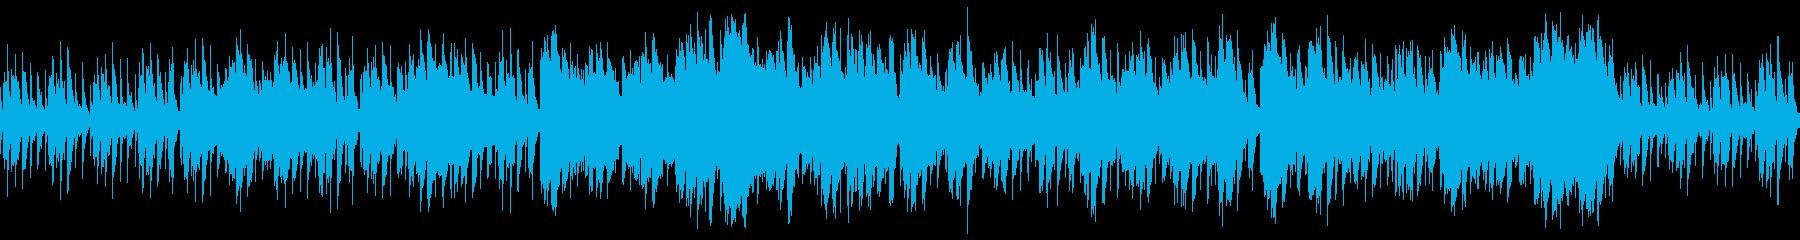 ファンタジー系の民族音楽(ループ可)の再生済みの波形